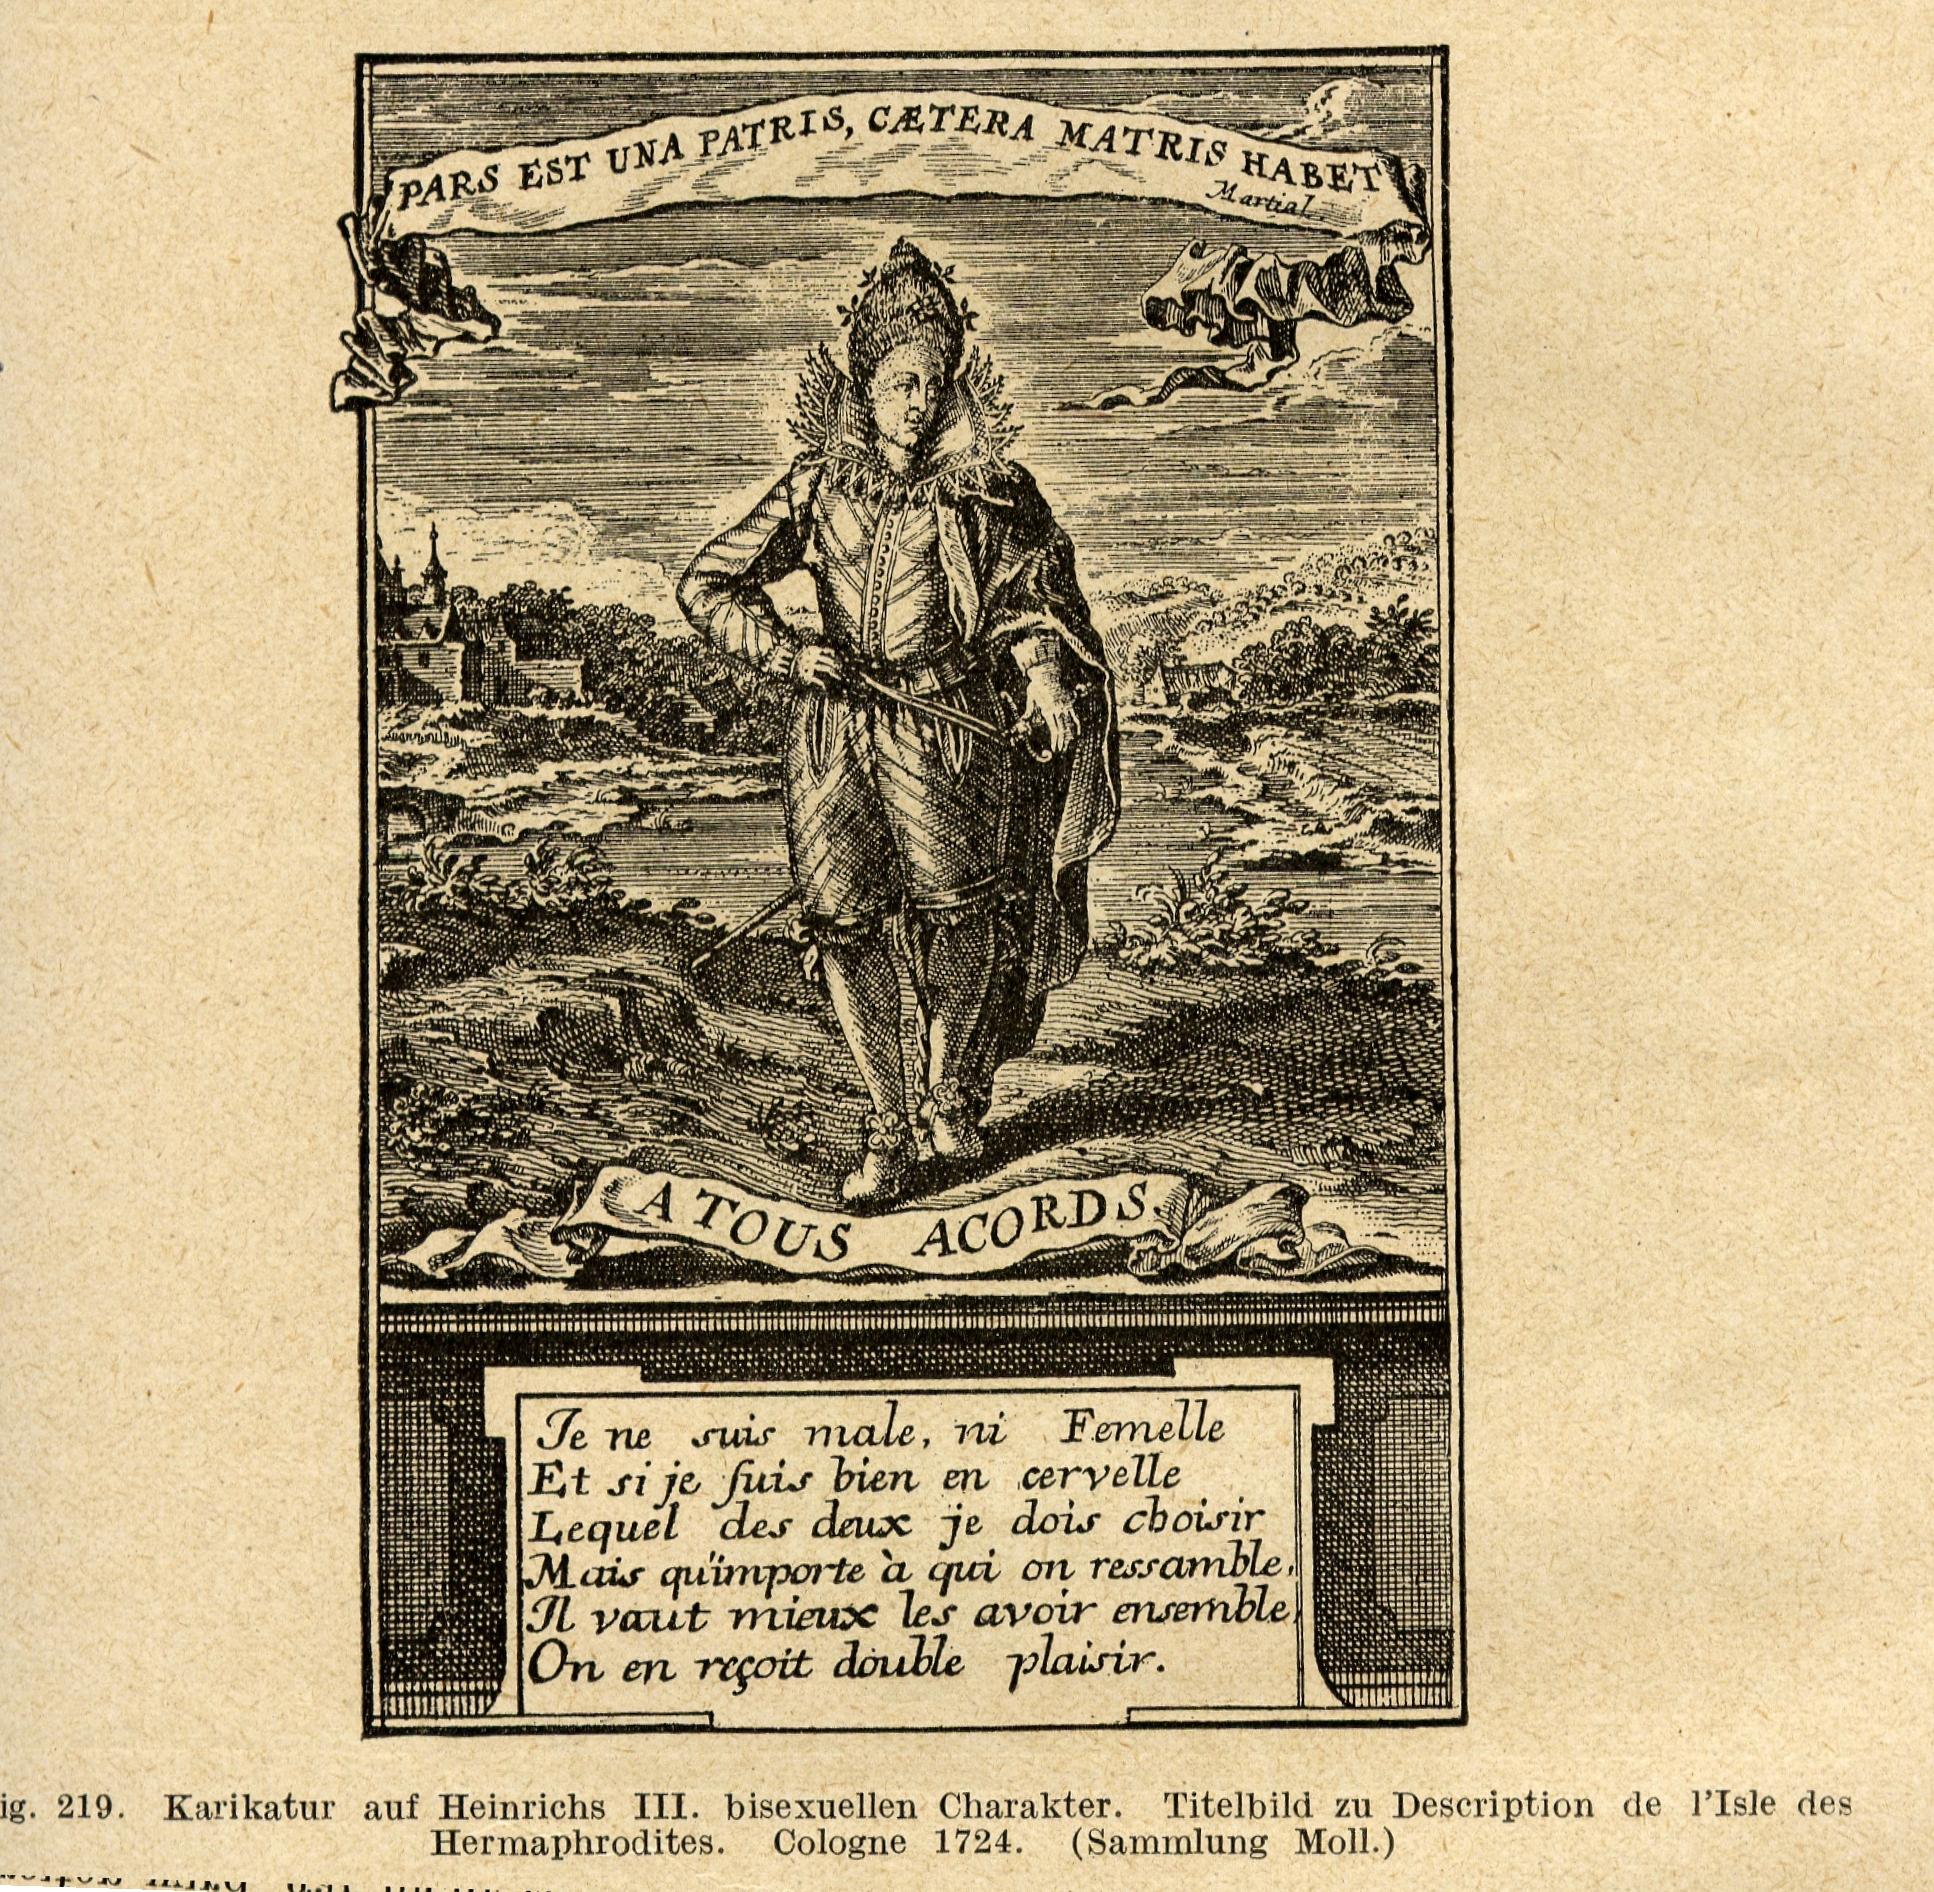 File:Enrico III di Valois (1551-1589)1 - Artus, Thomas